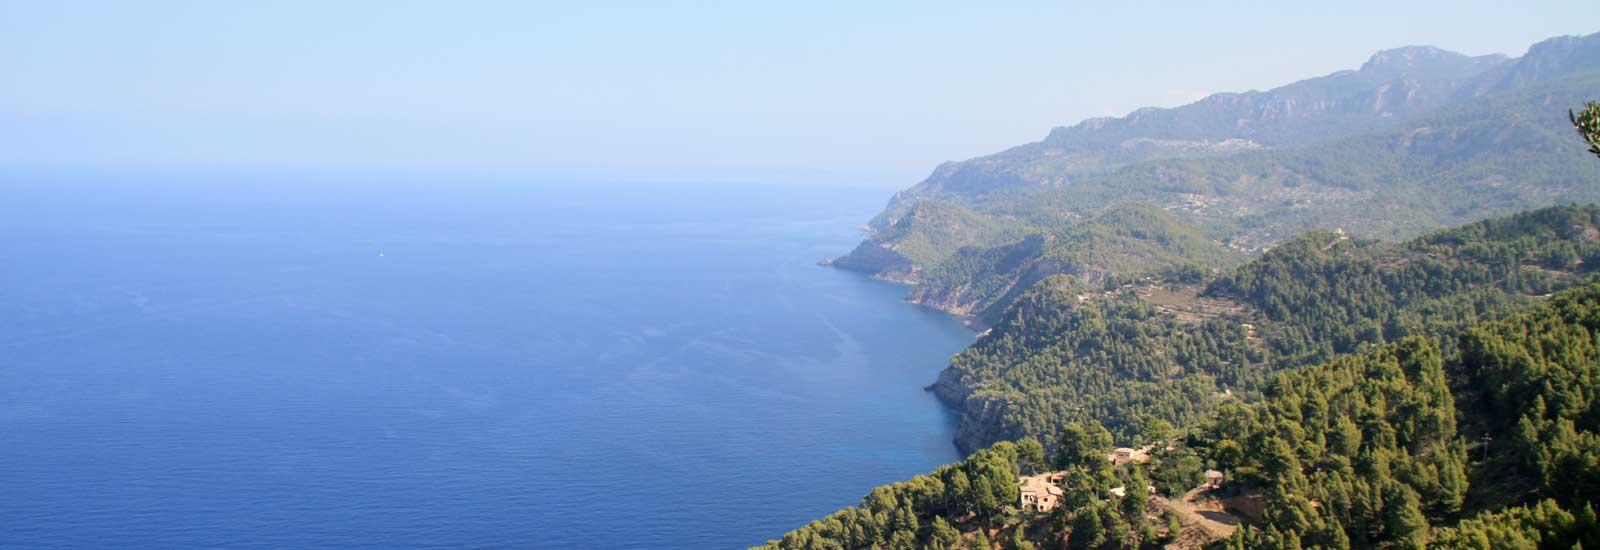 nachhaltiger-tourismus-mallorca